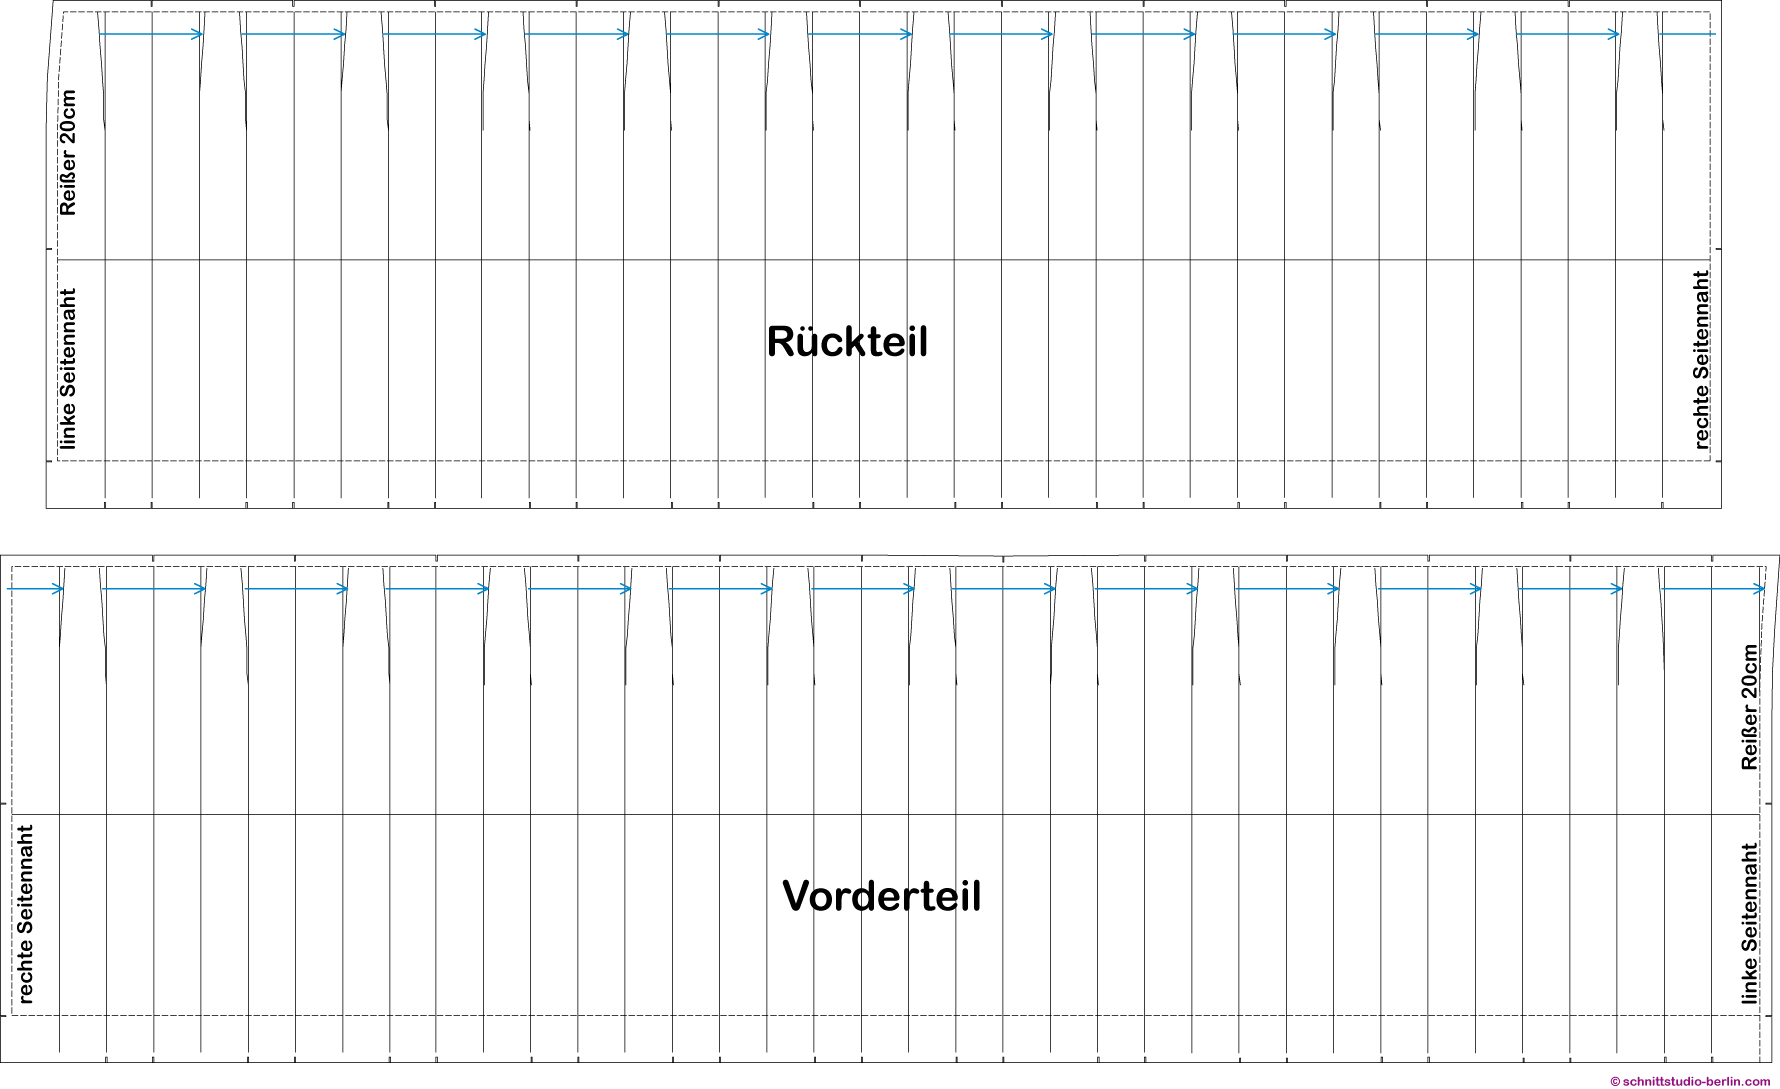 VT+RT